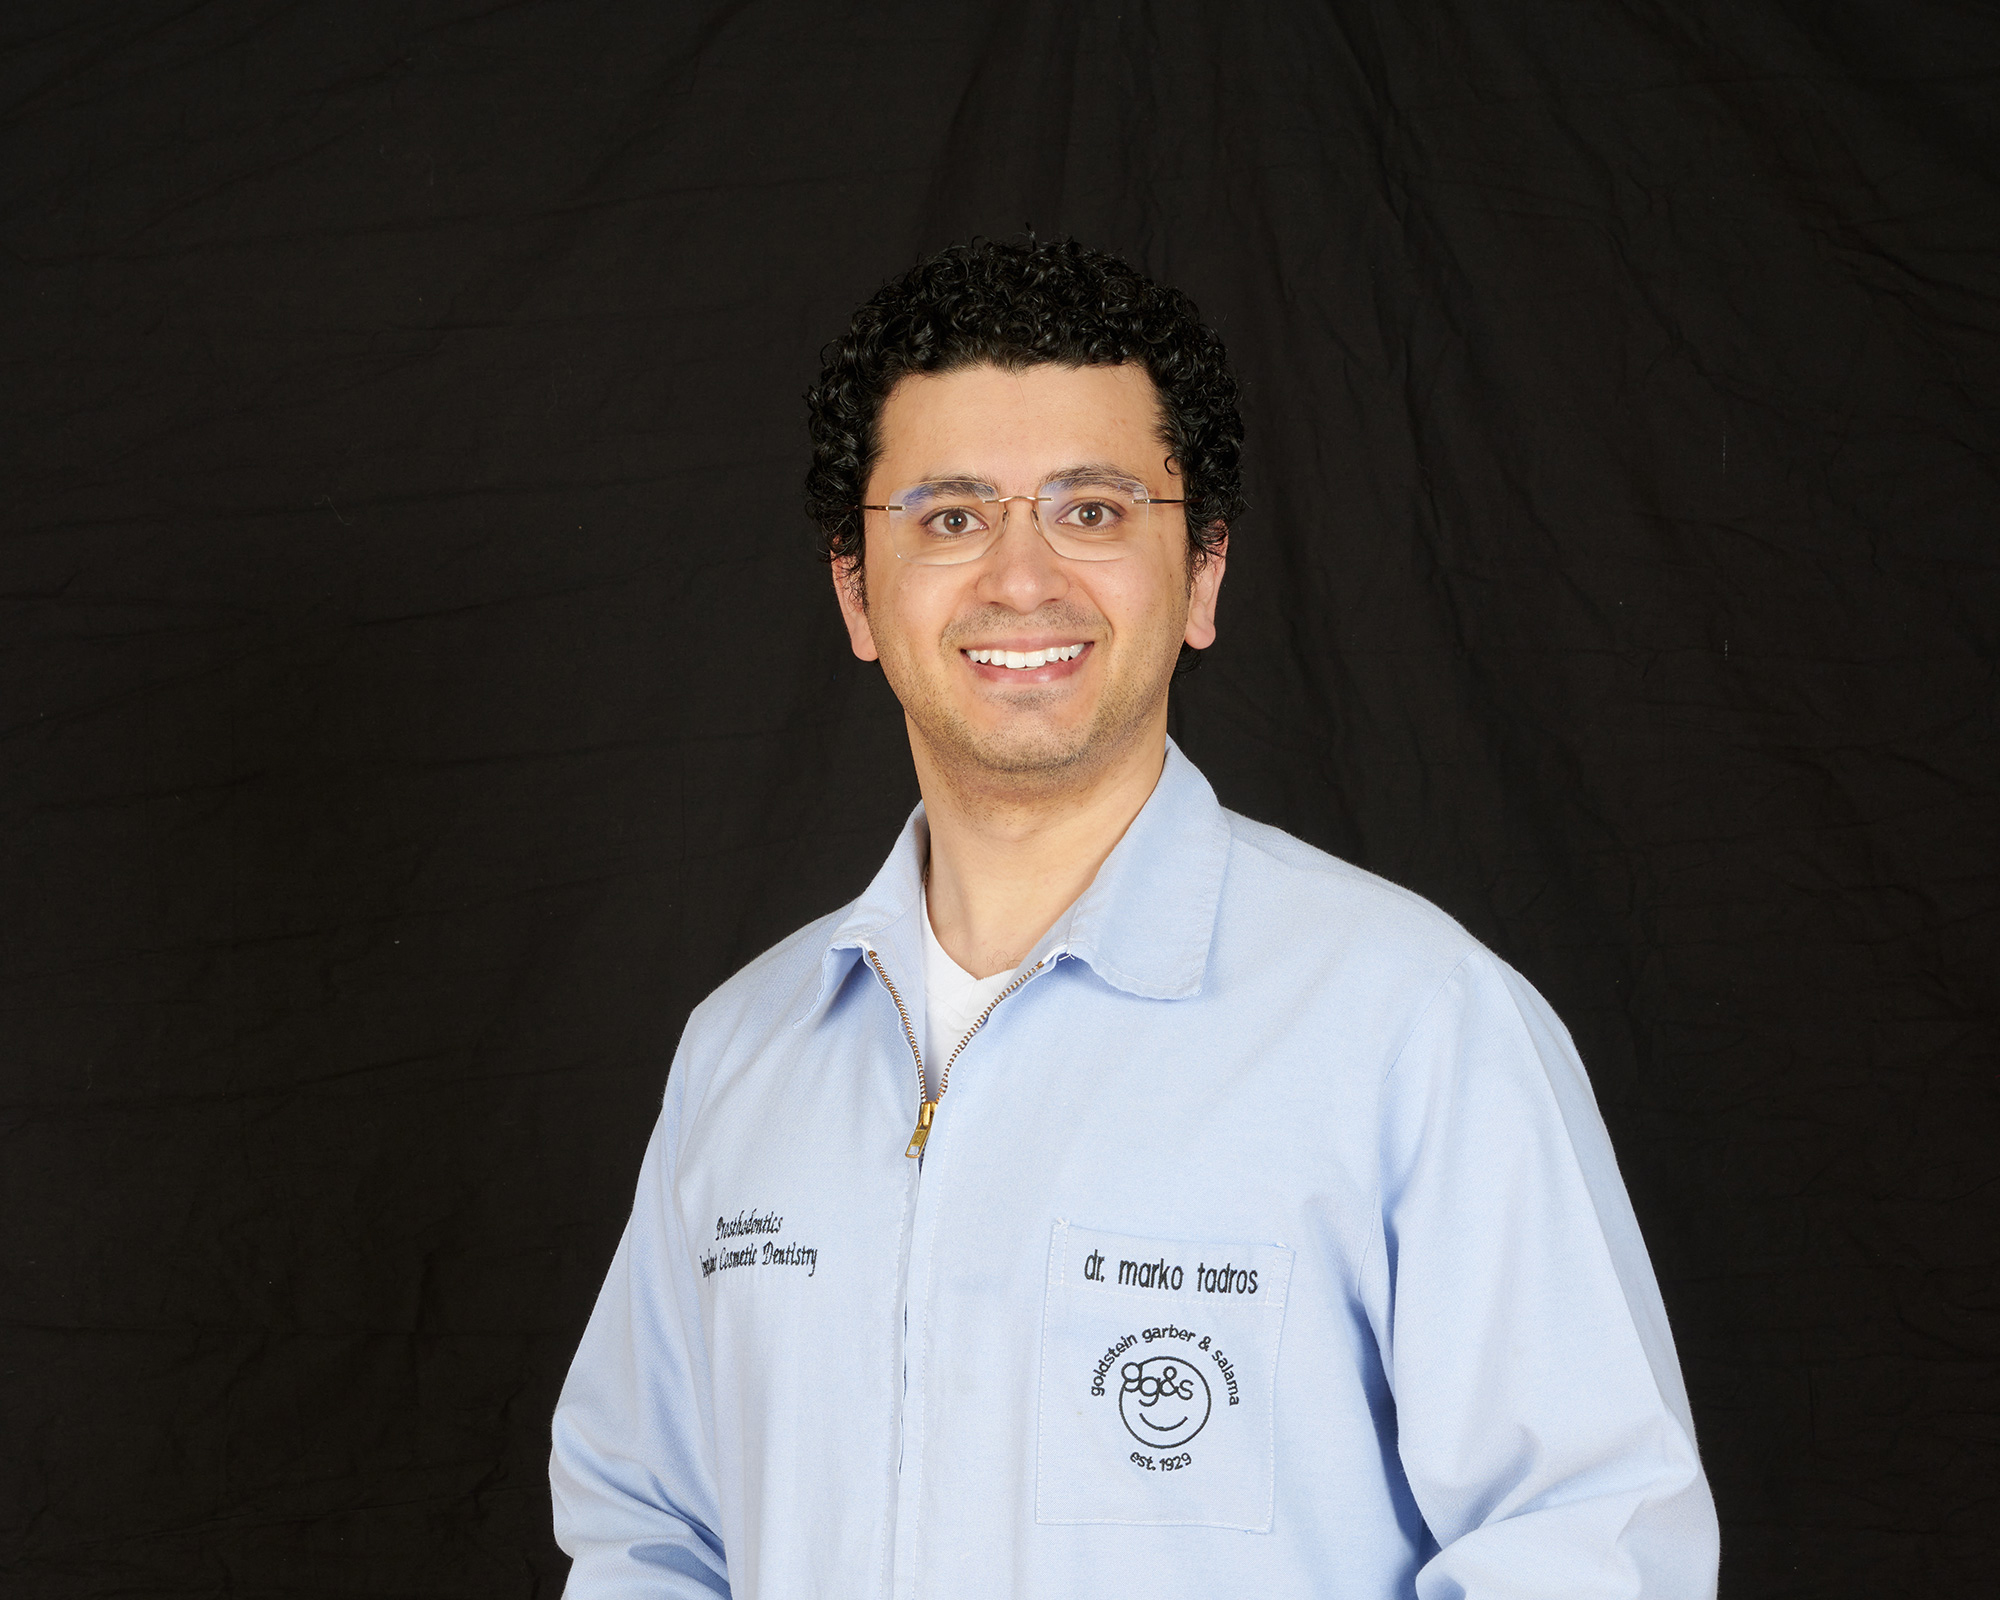 Dr. Marko Tadros